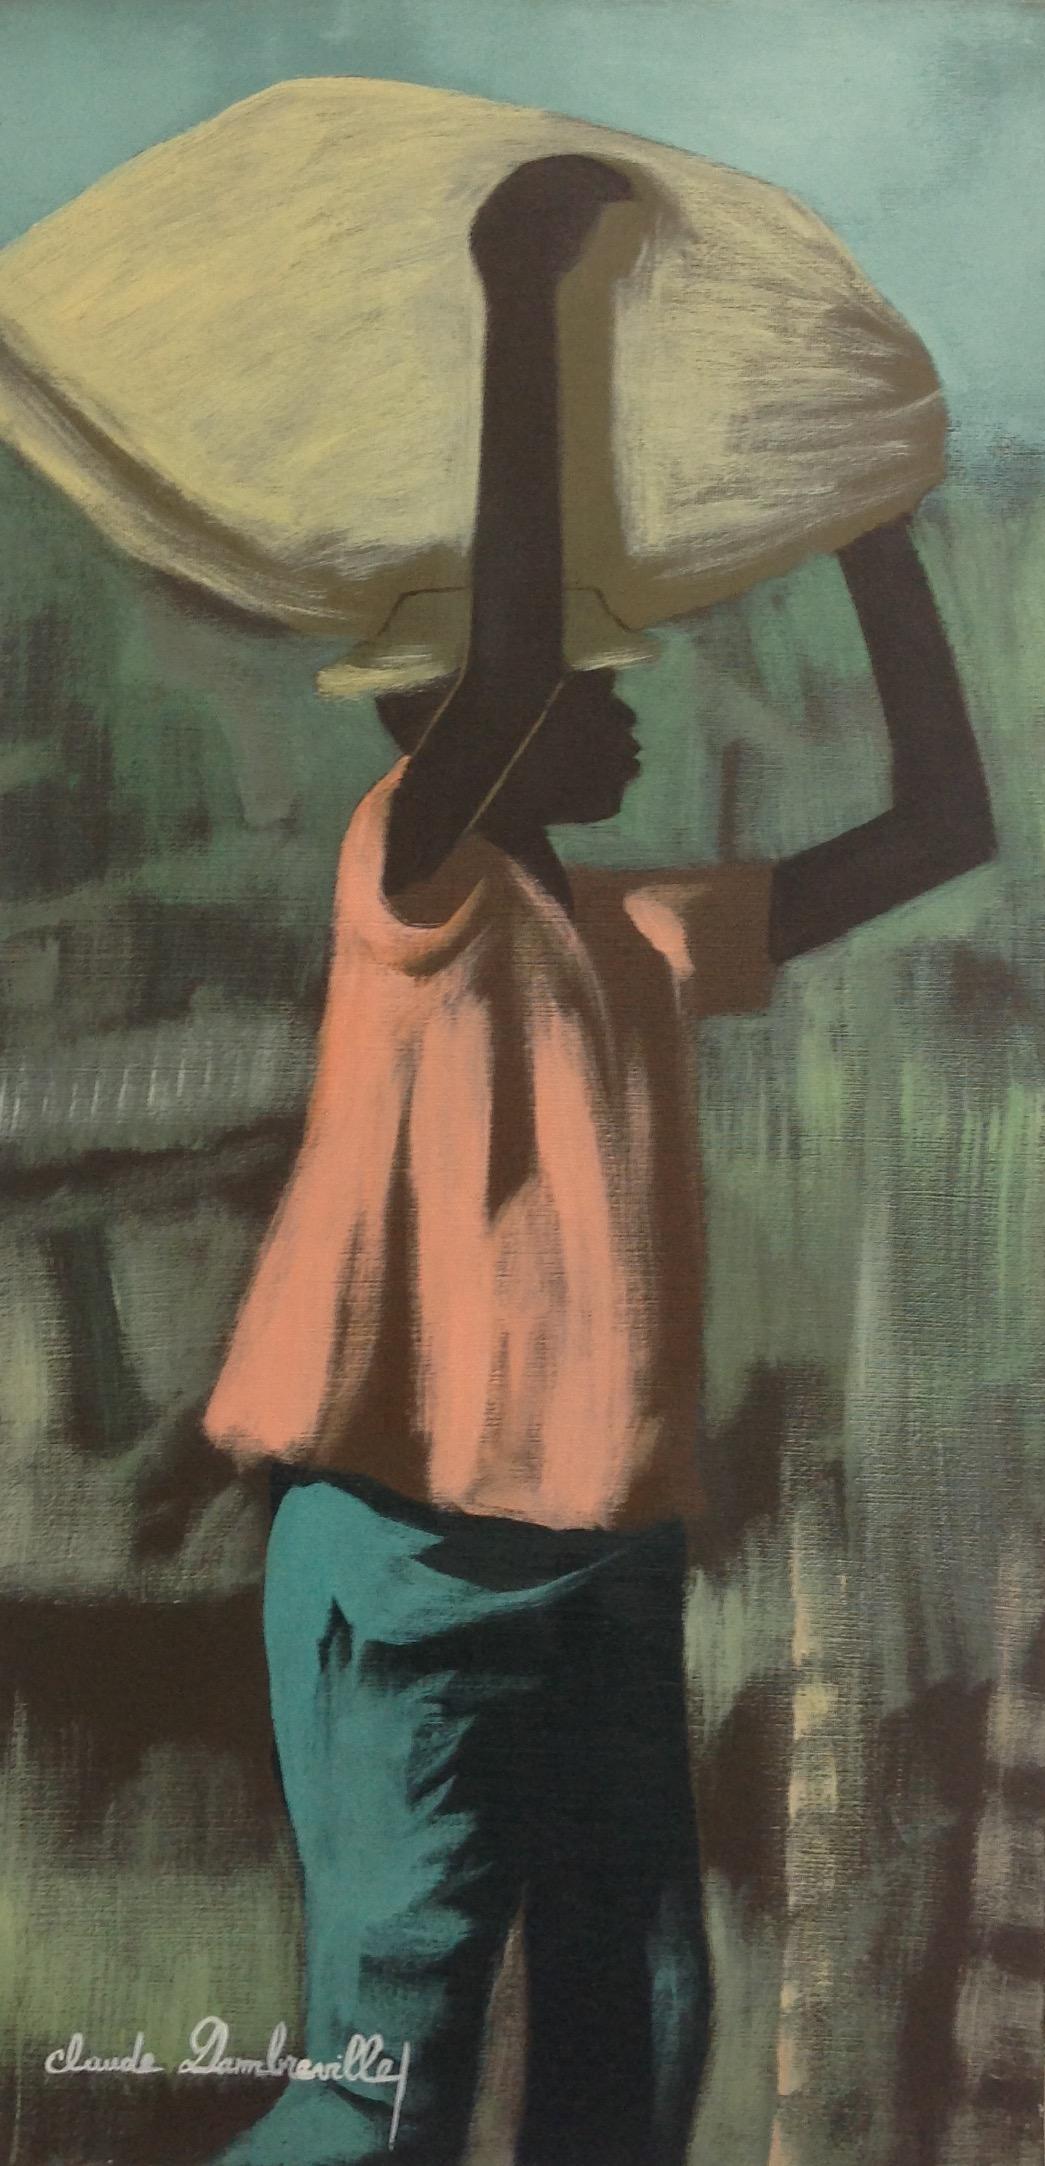 Dambreville Claude 12X24 #227-3-96 canvas 1998